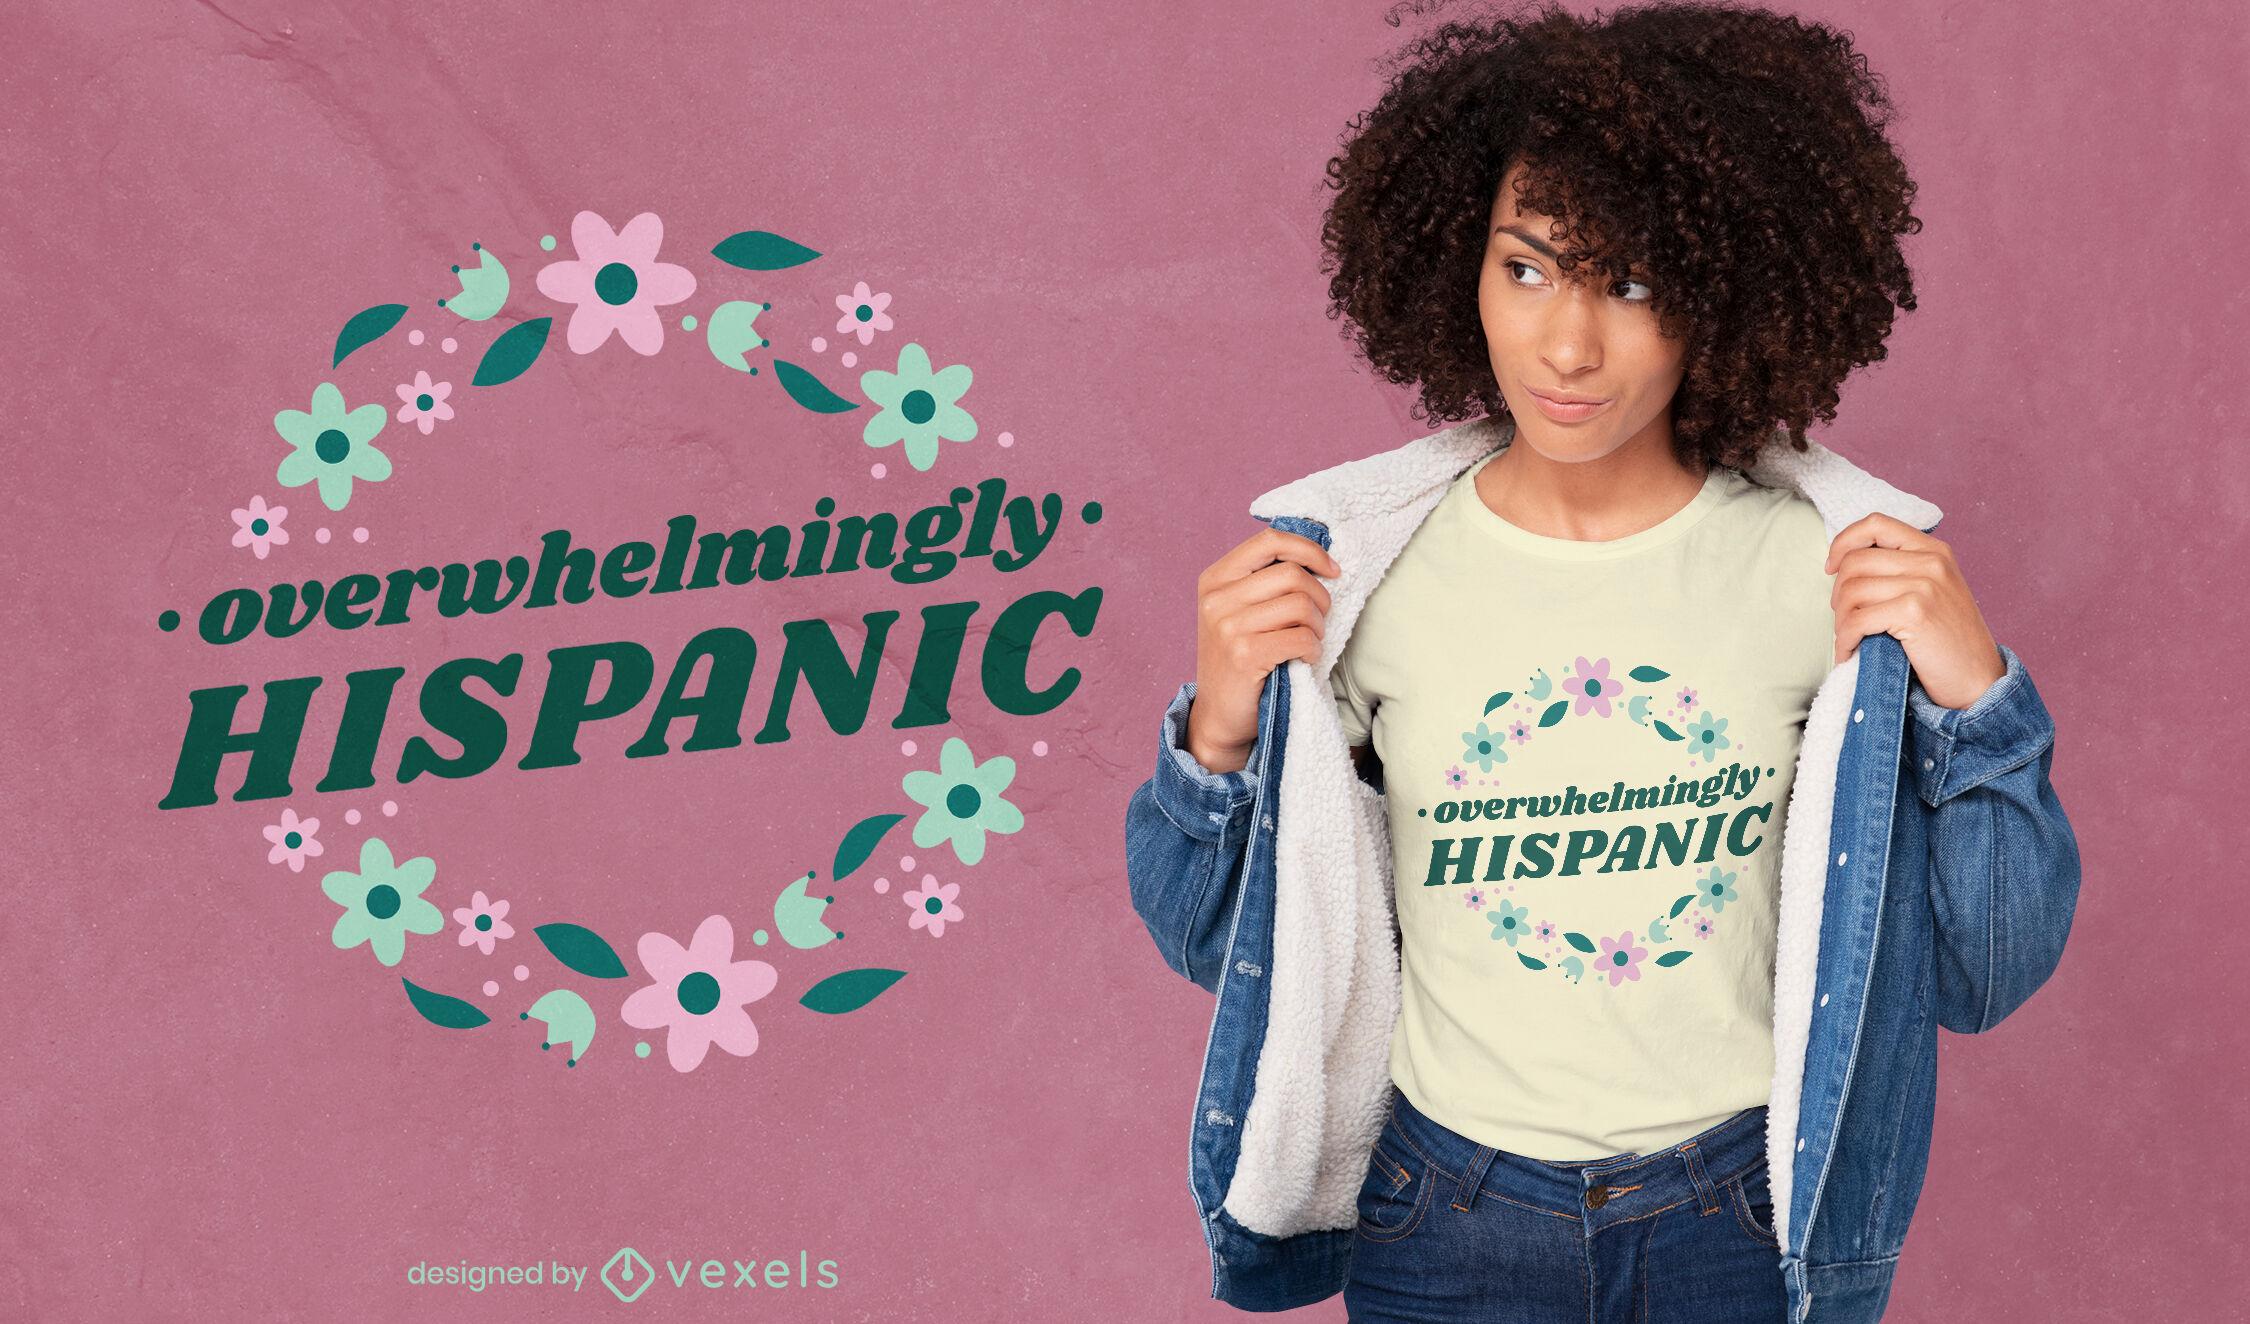 Diseño de camiseta floral de cultura hispana.